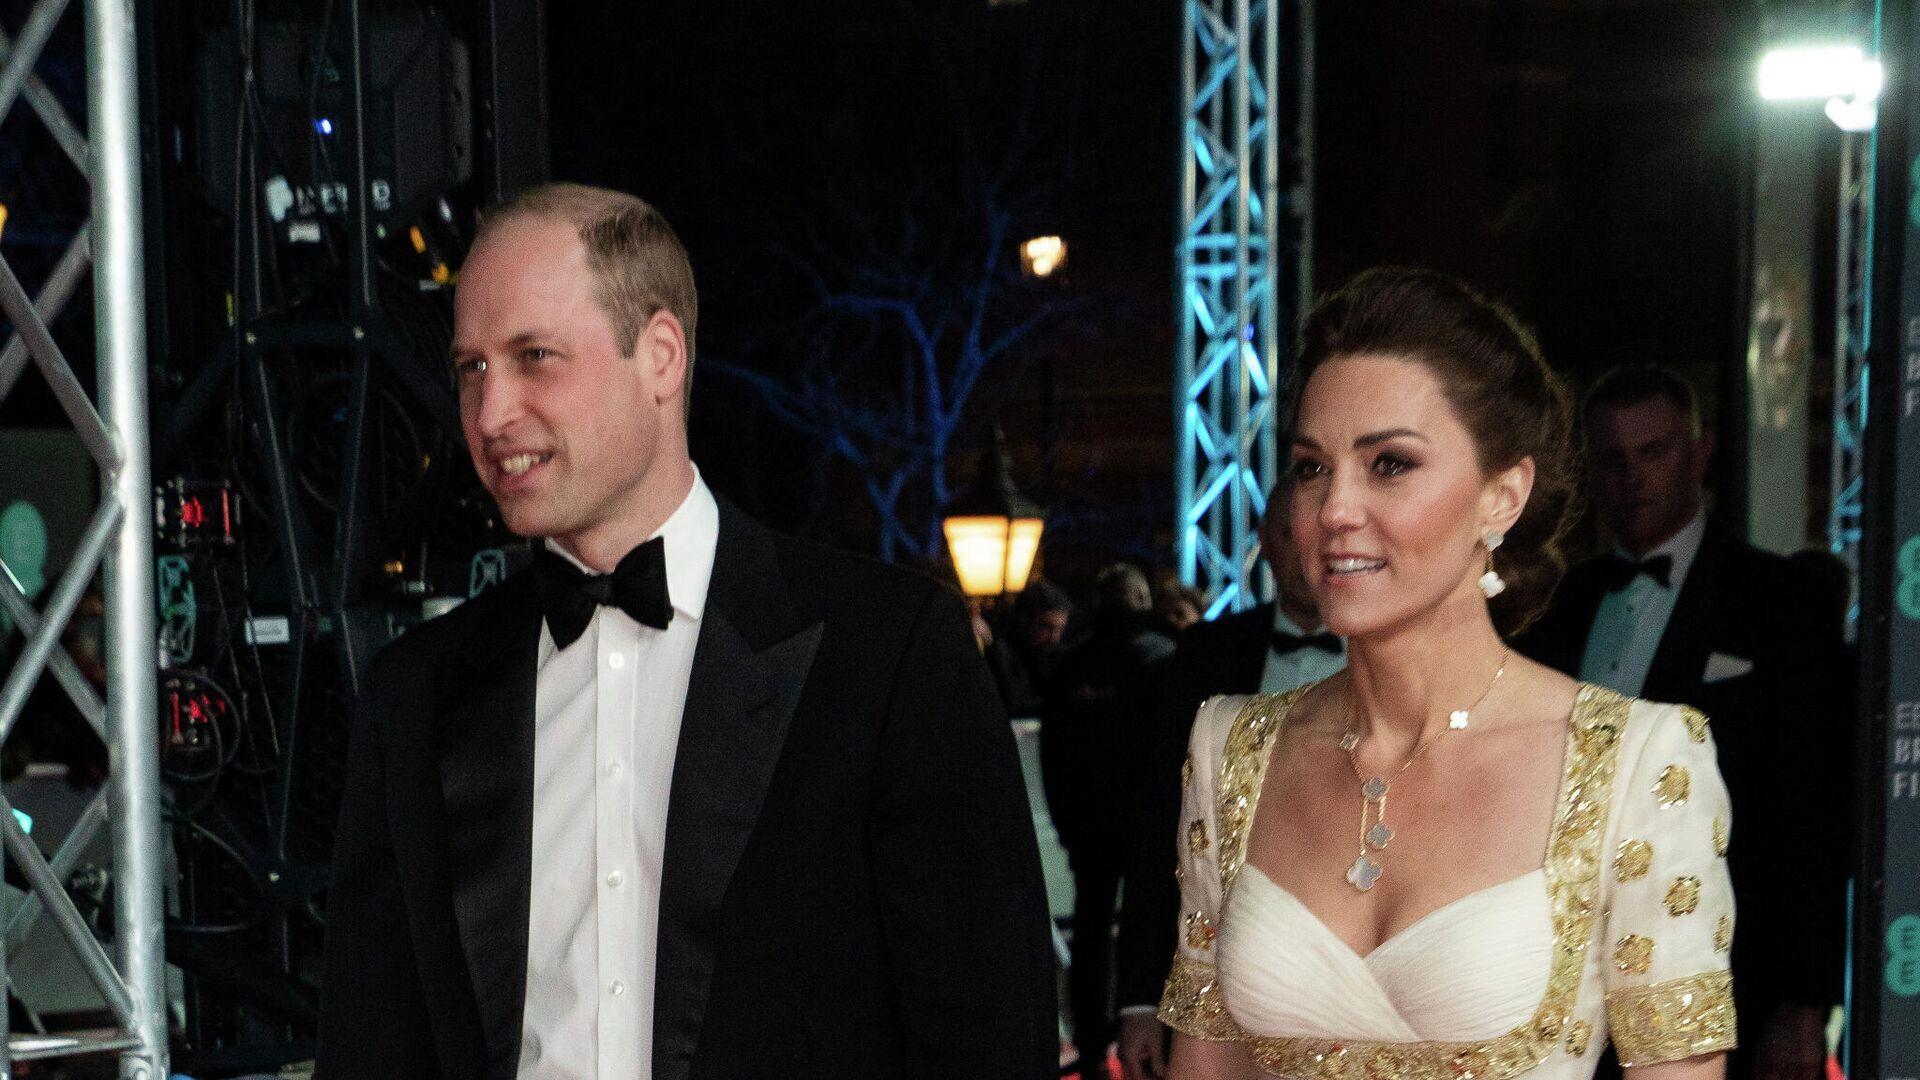 Кейт Миддлтон и принц Уильям на церемонии вручения премии BAFTA в Лондоне - РИА Новости, 1920, 21.04.2021